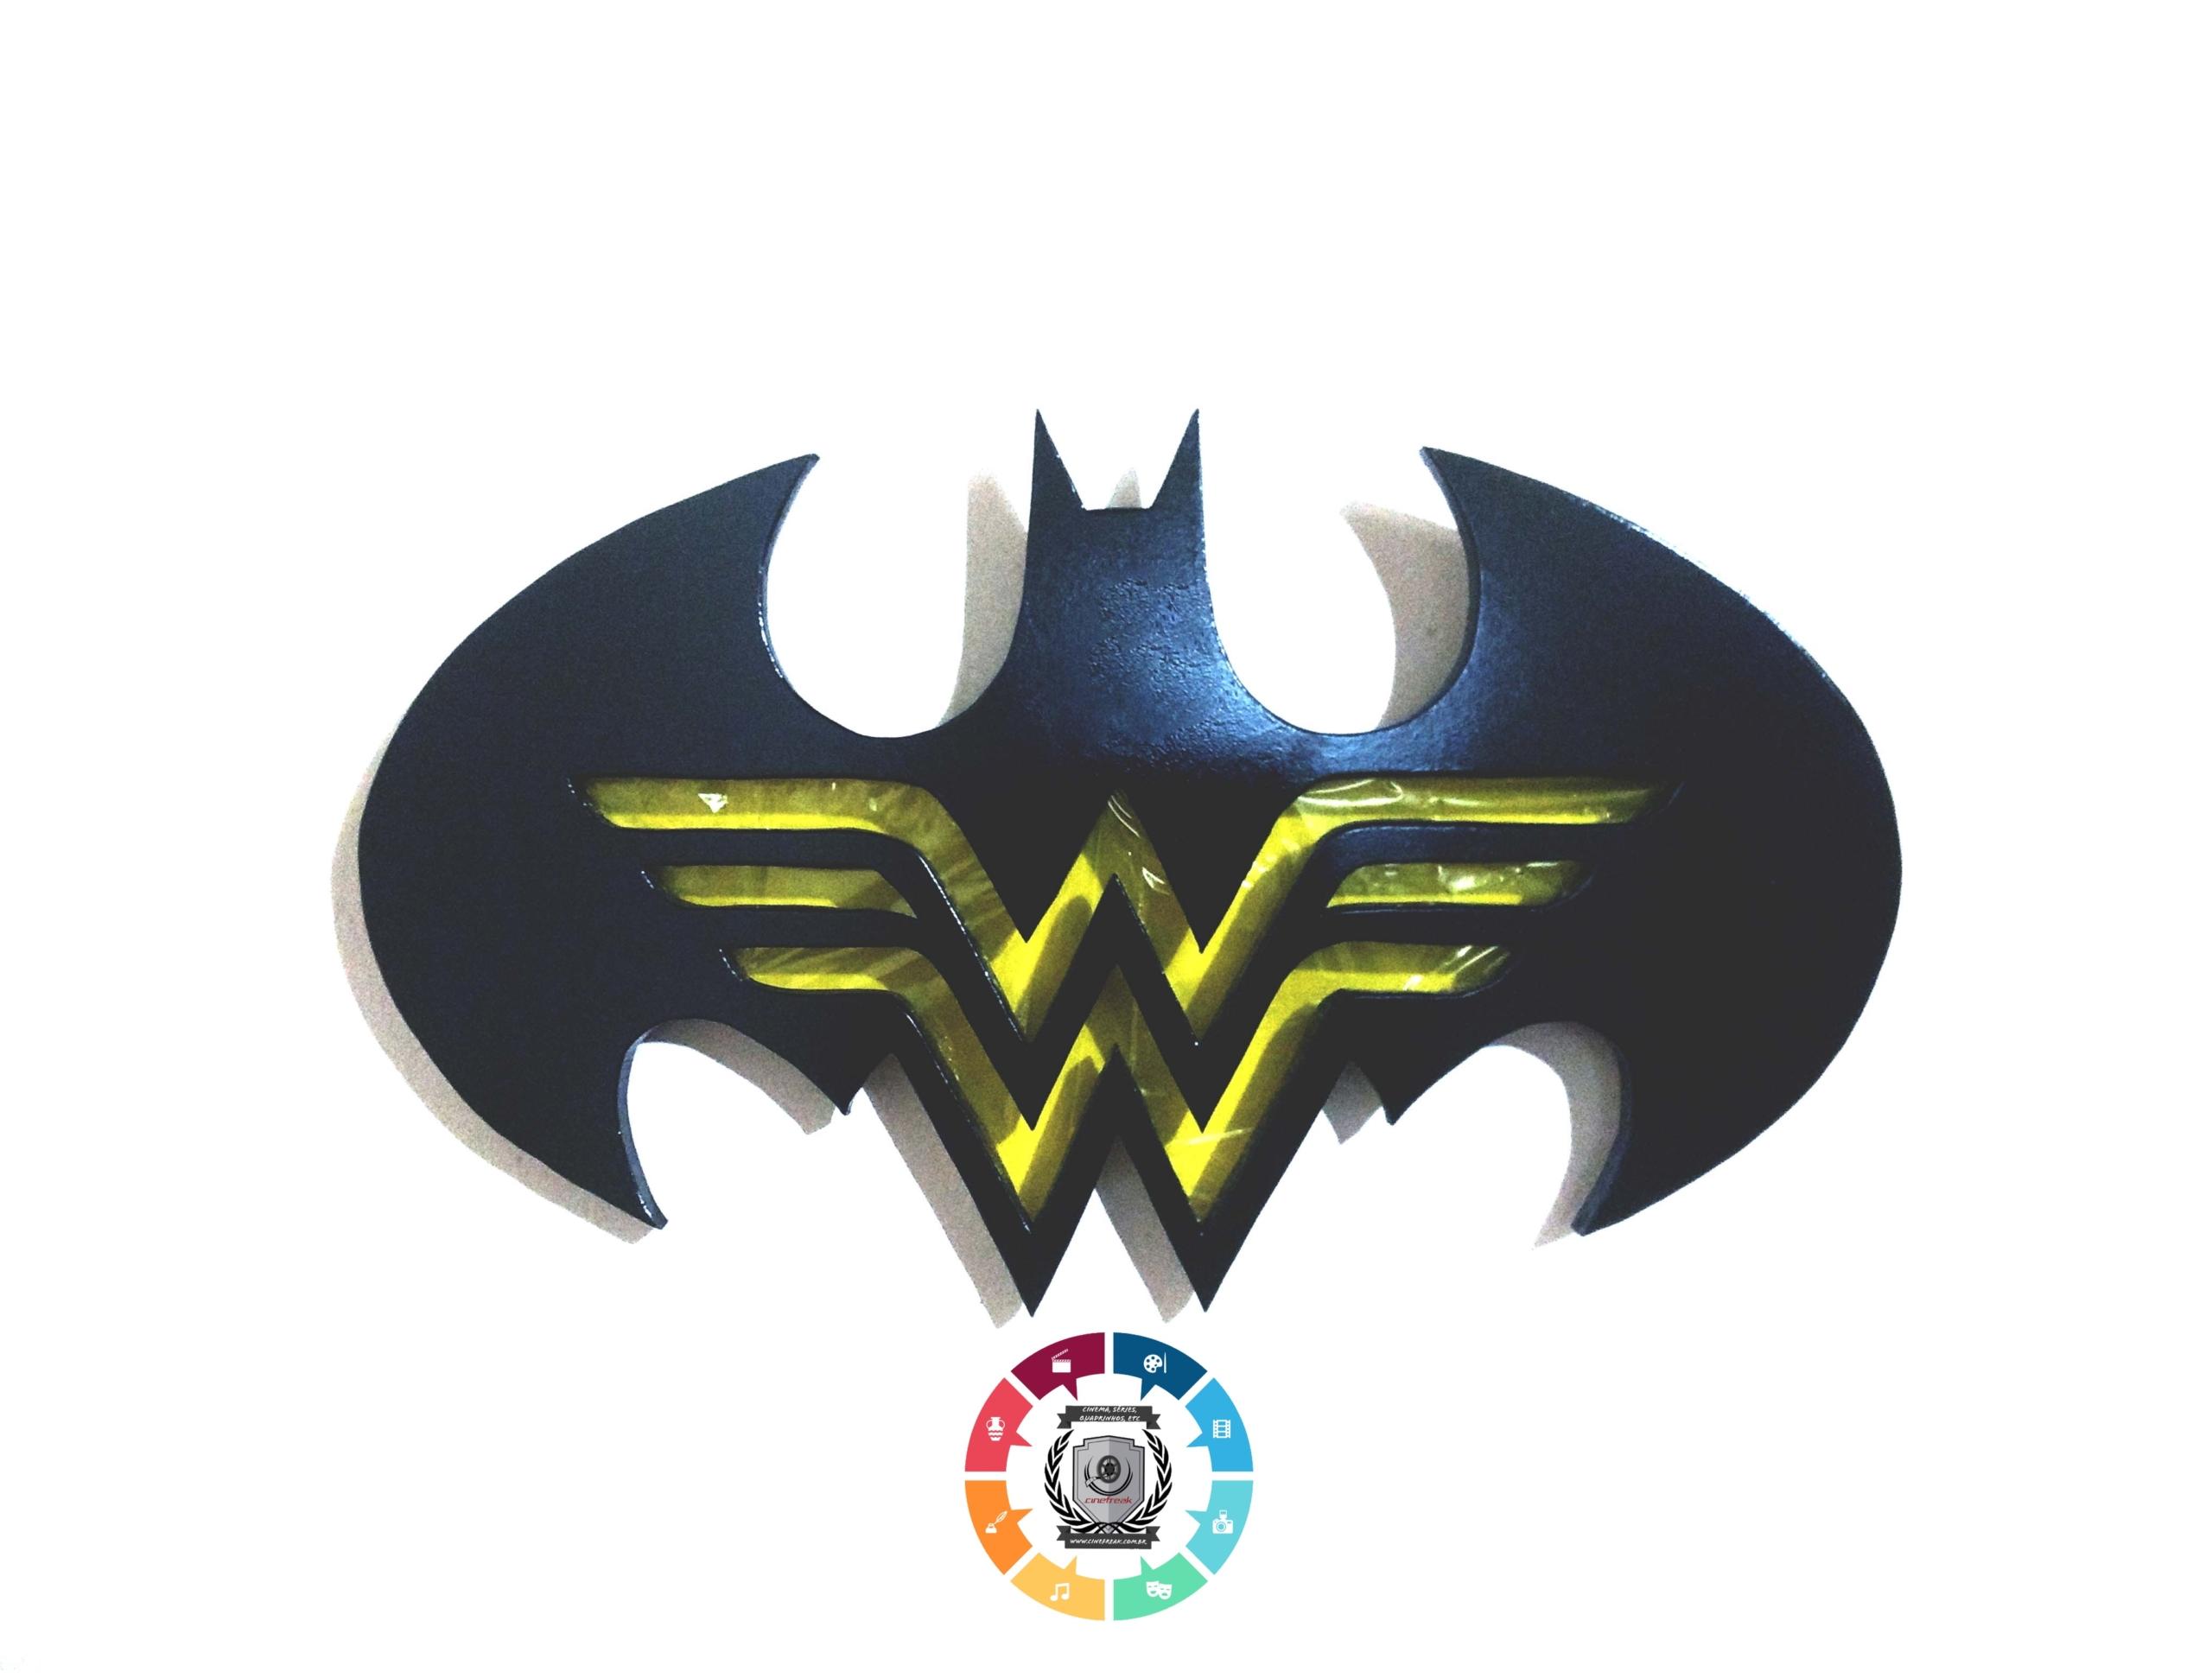 Ovos de Páscoa inspirados em Batman e Mulher-Maravilha são lançados 5